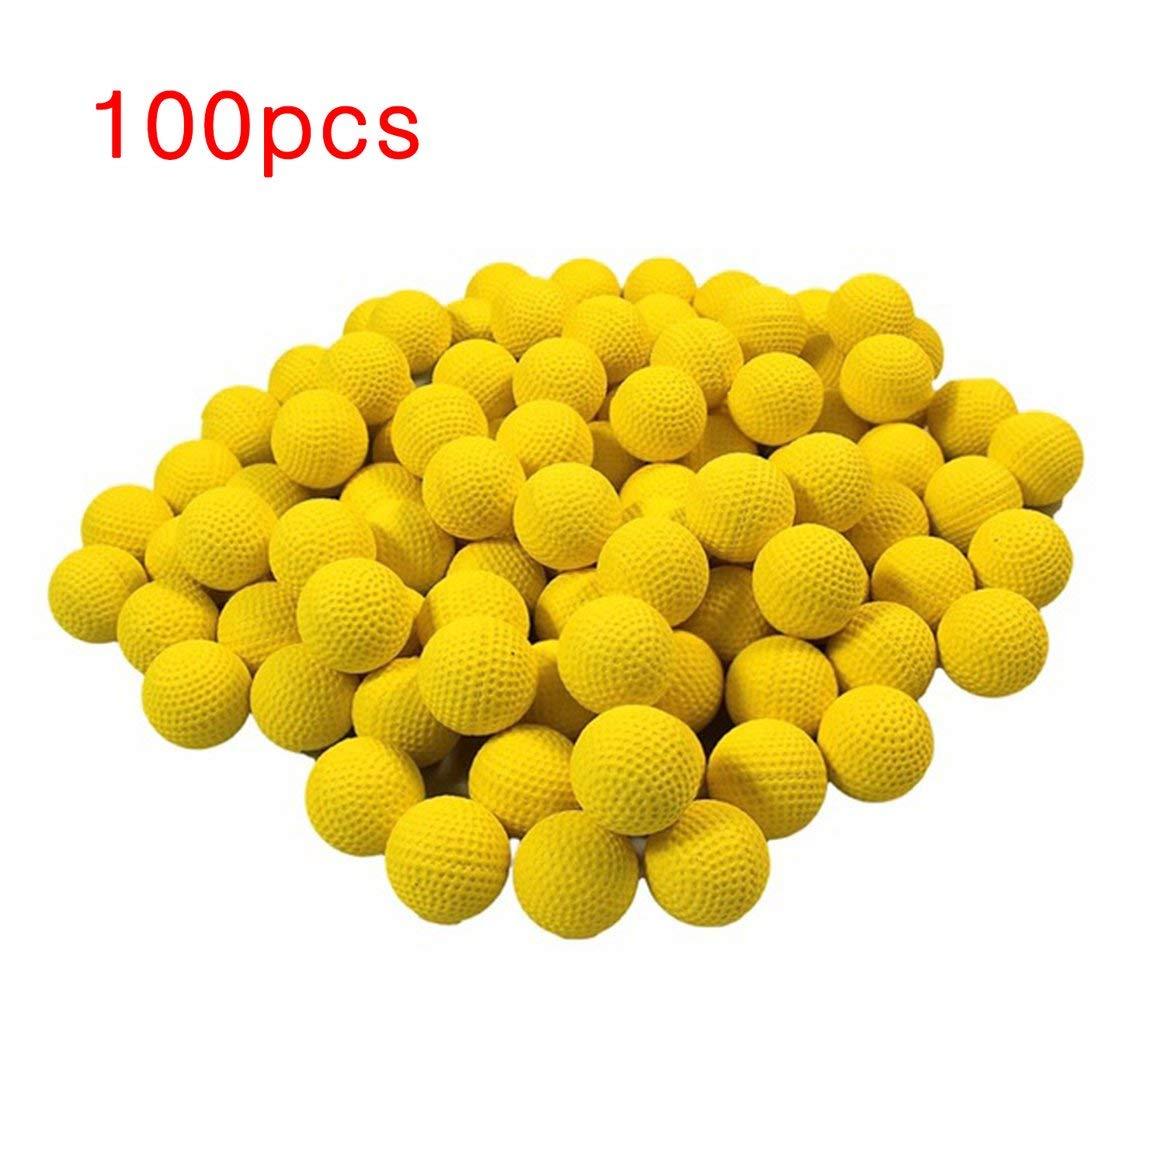 Delicacydex 100 unids Bolas de Bolas de Espuma de Repuesto Redondo Bolas Reemplazo de Bolas Compatible para Nerf Rival Pistola Apollo Juguete de Los Niños